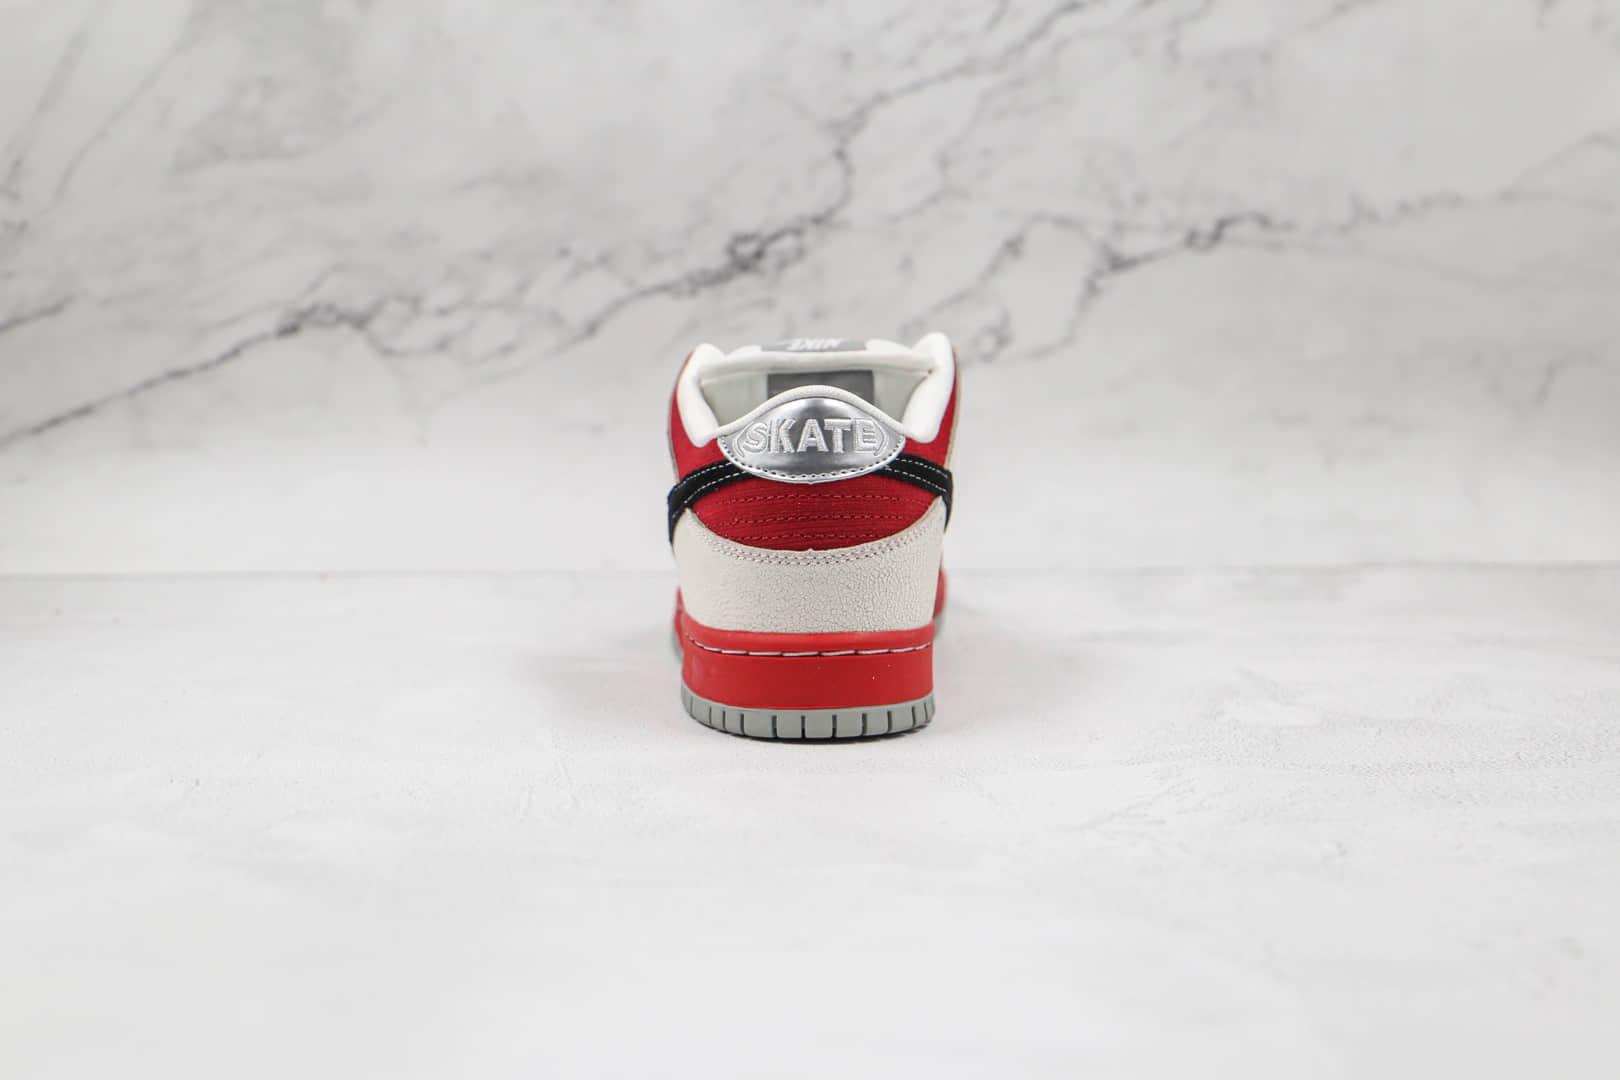 耐克Nike Dunk Low Premium SB纯原版本低帮SB DUNK白红黑色板鞋内置气垫 货号:313170-601